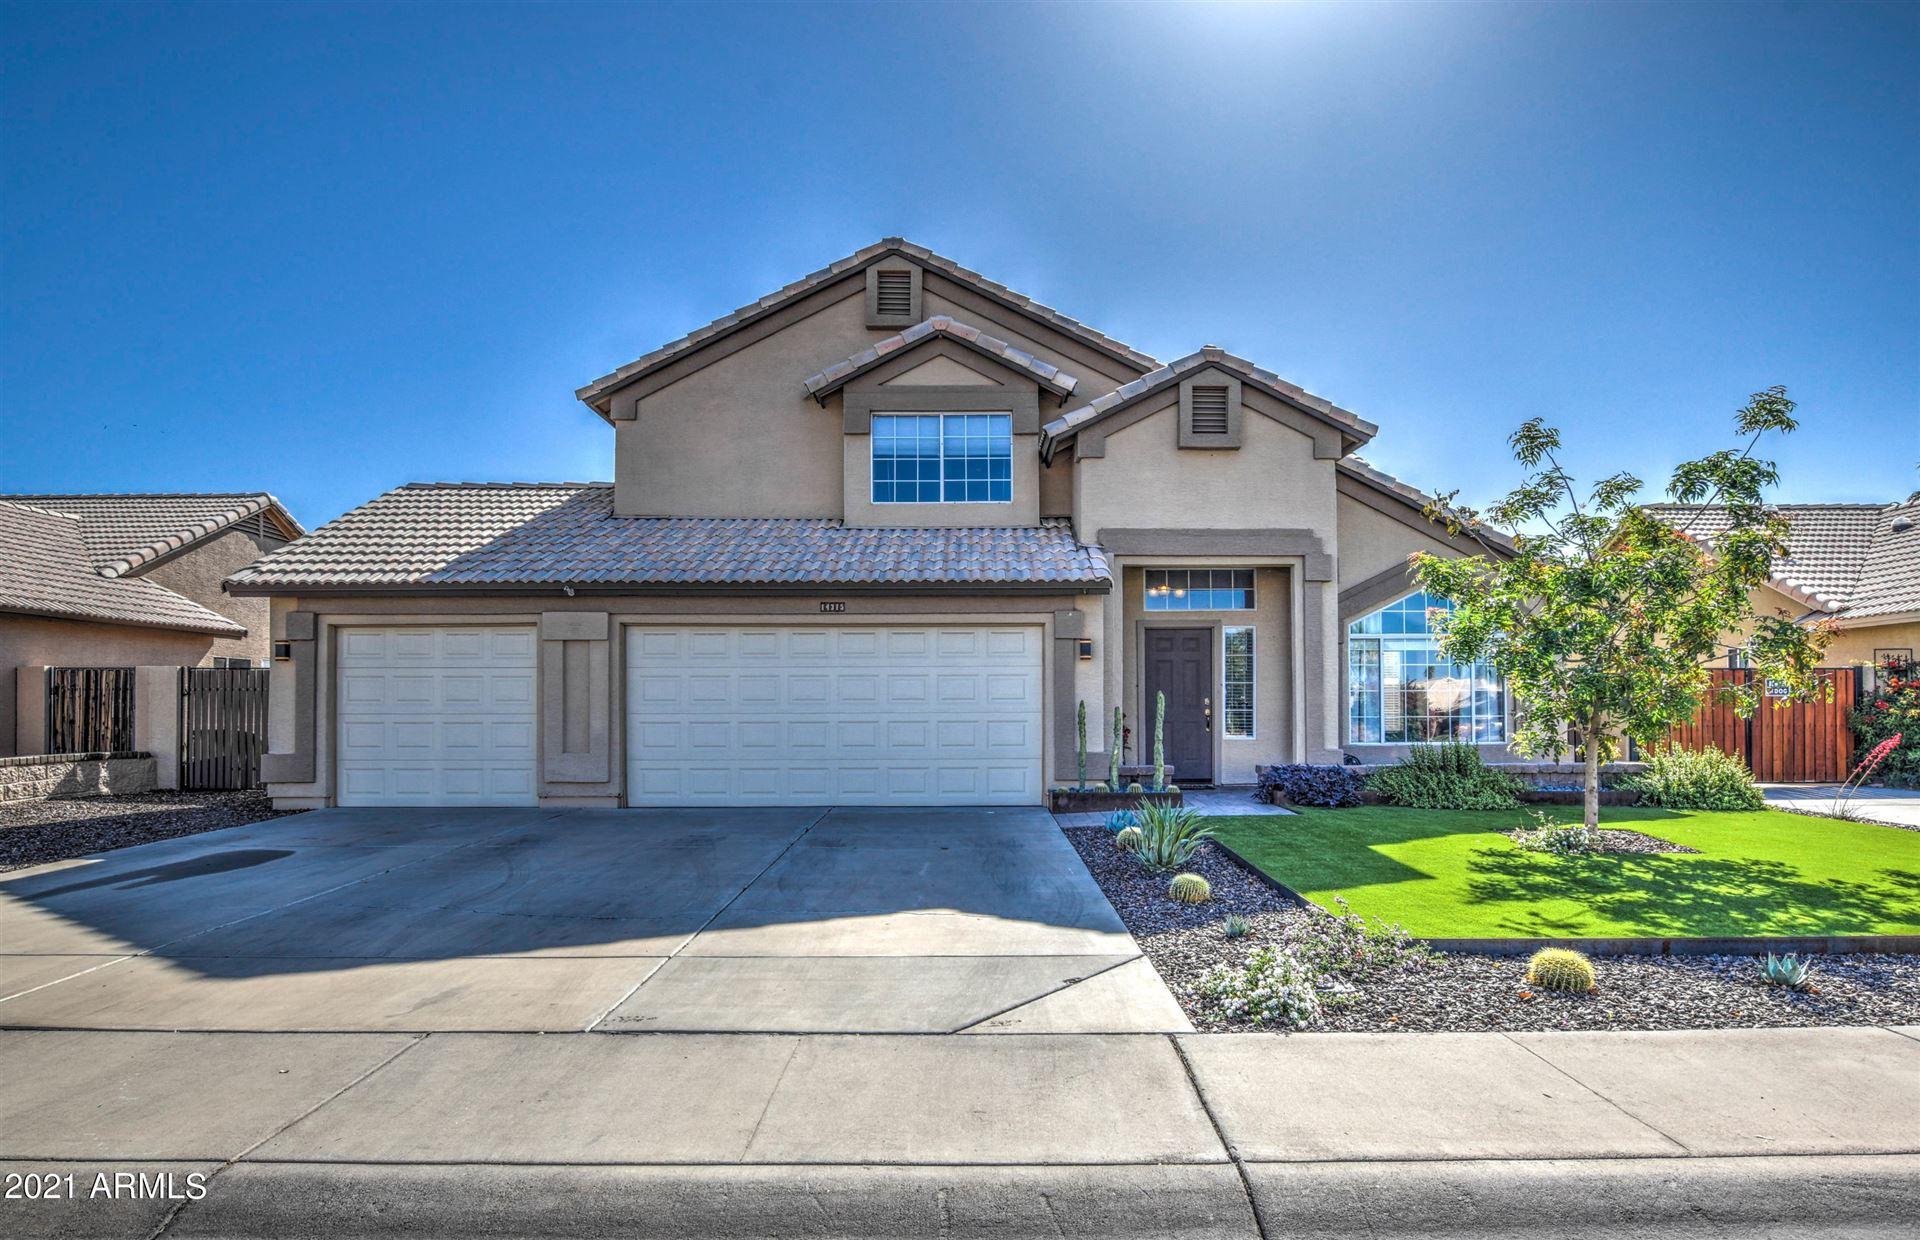 14315 N 91st Lane, Peoria, AZ 85381 - MLS#: 6234229